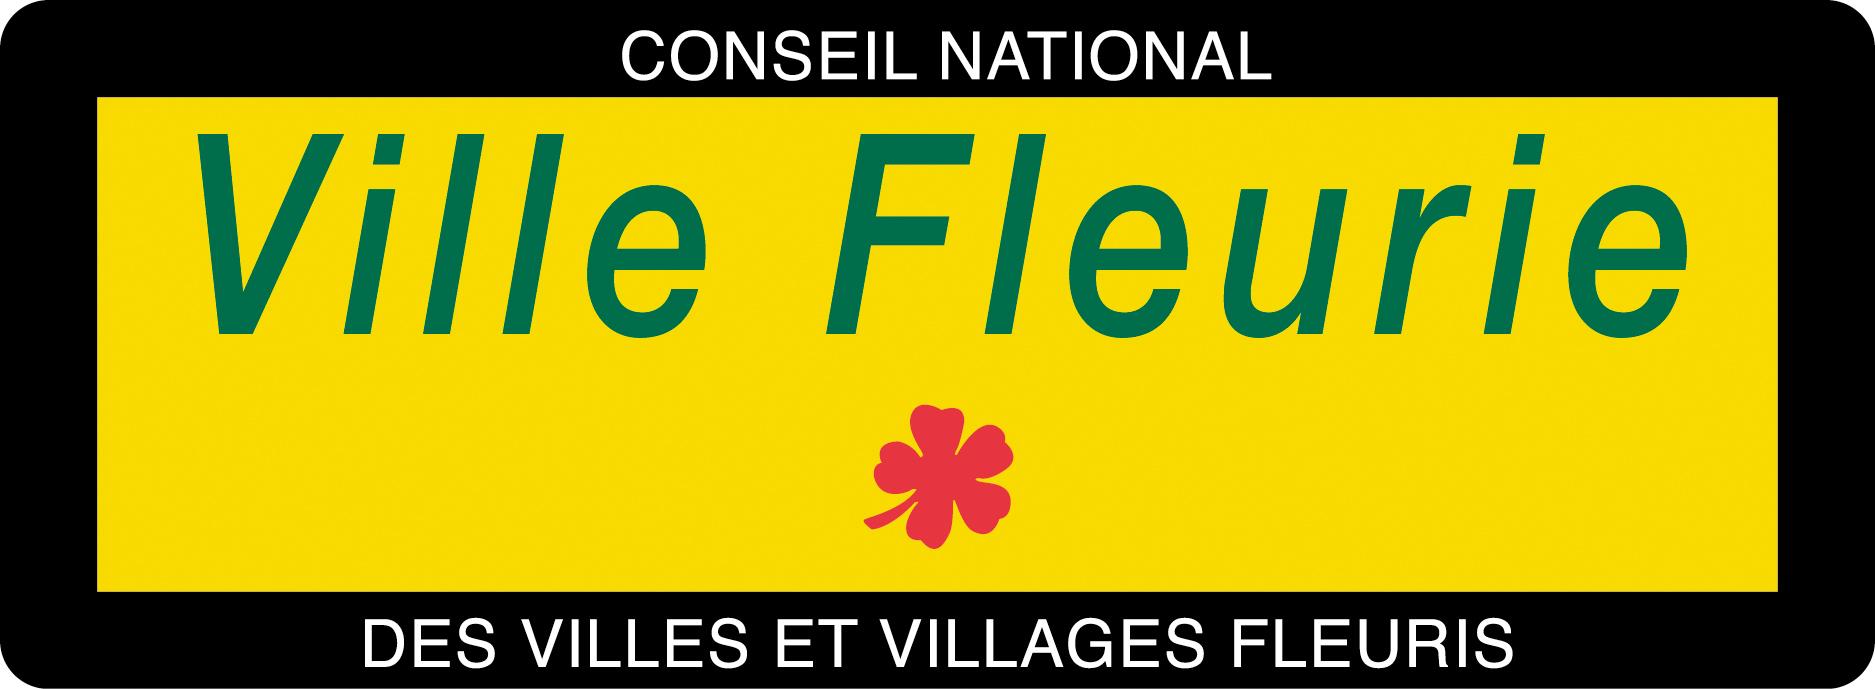 panneau-ville-fleurie-visuel-1fleur